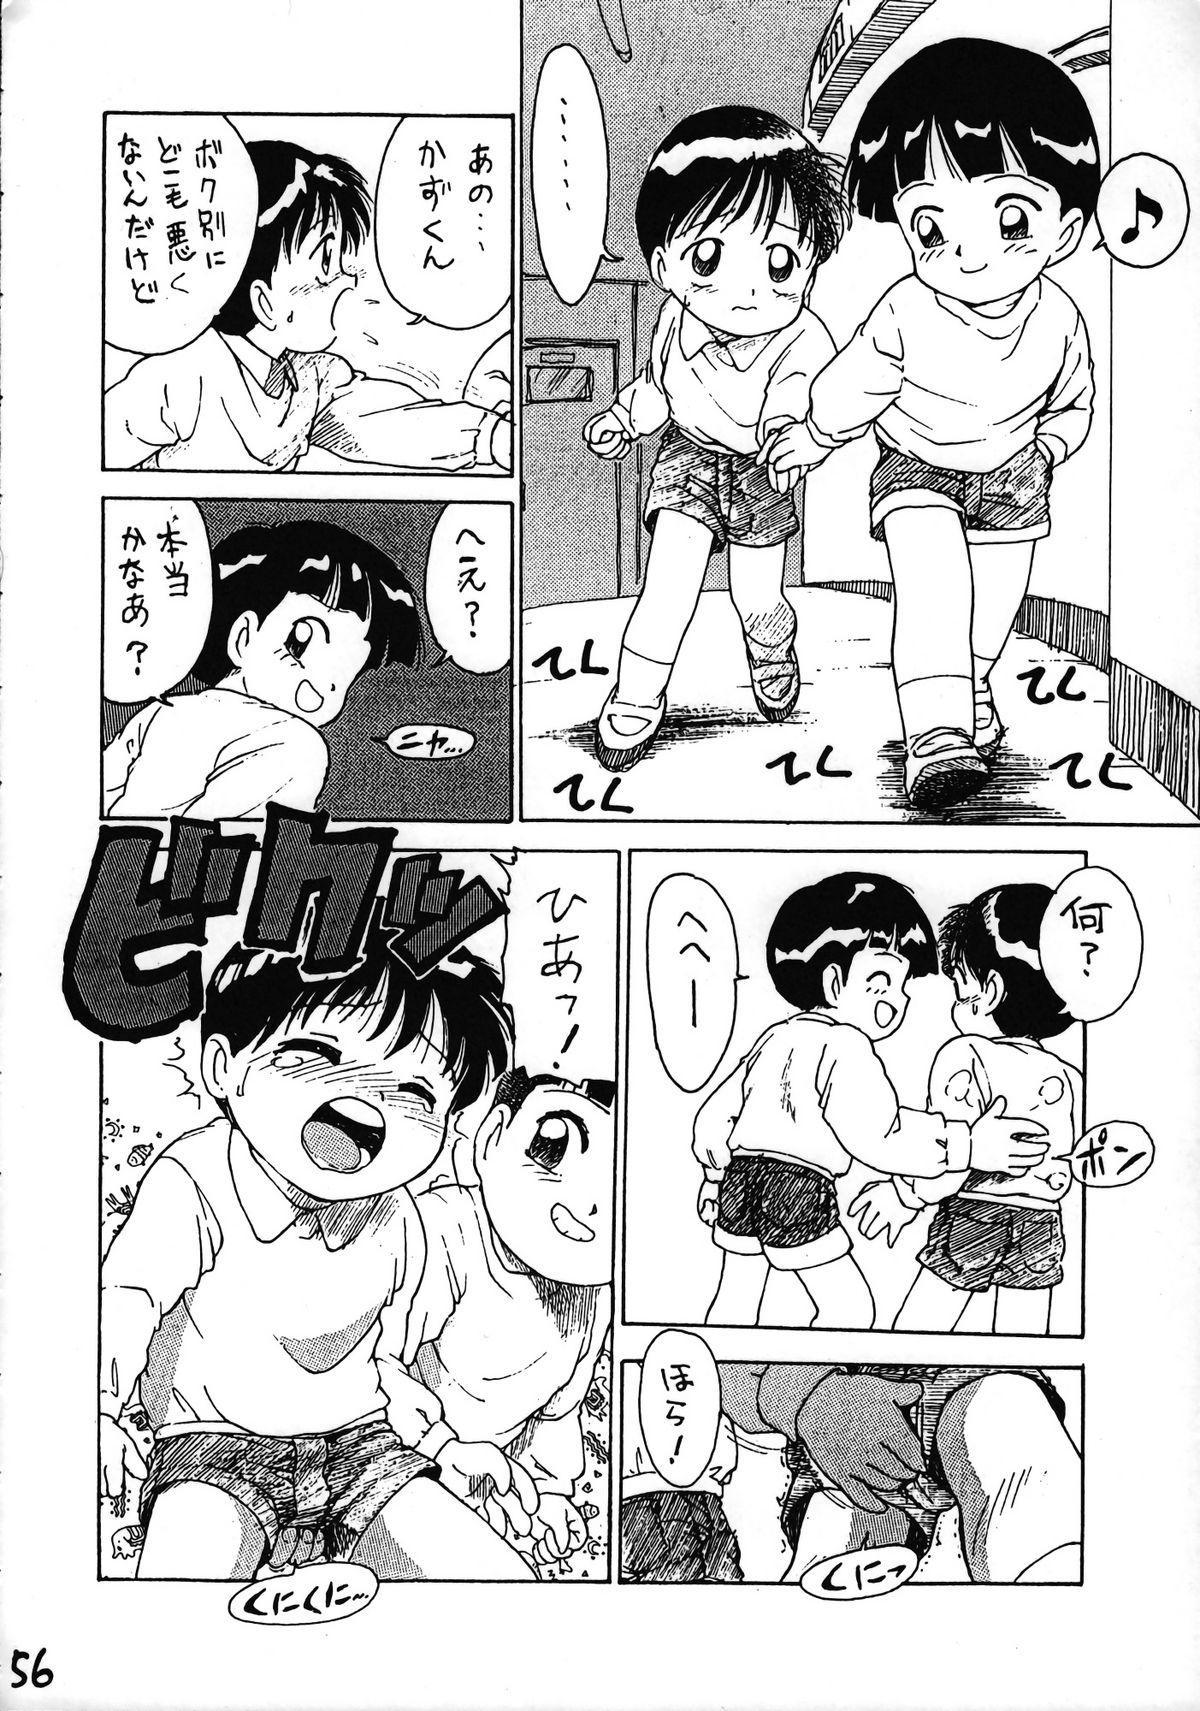 Ikenai! Otokonoko Hon Boy's H Book 2 56